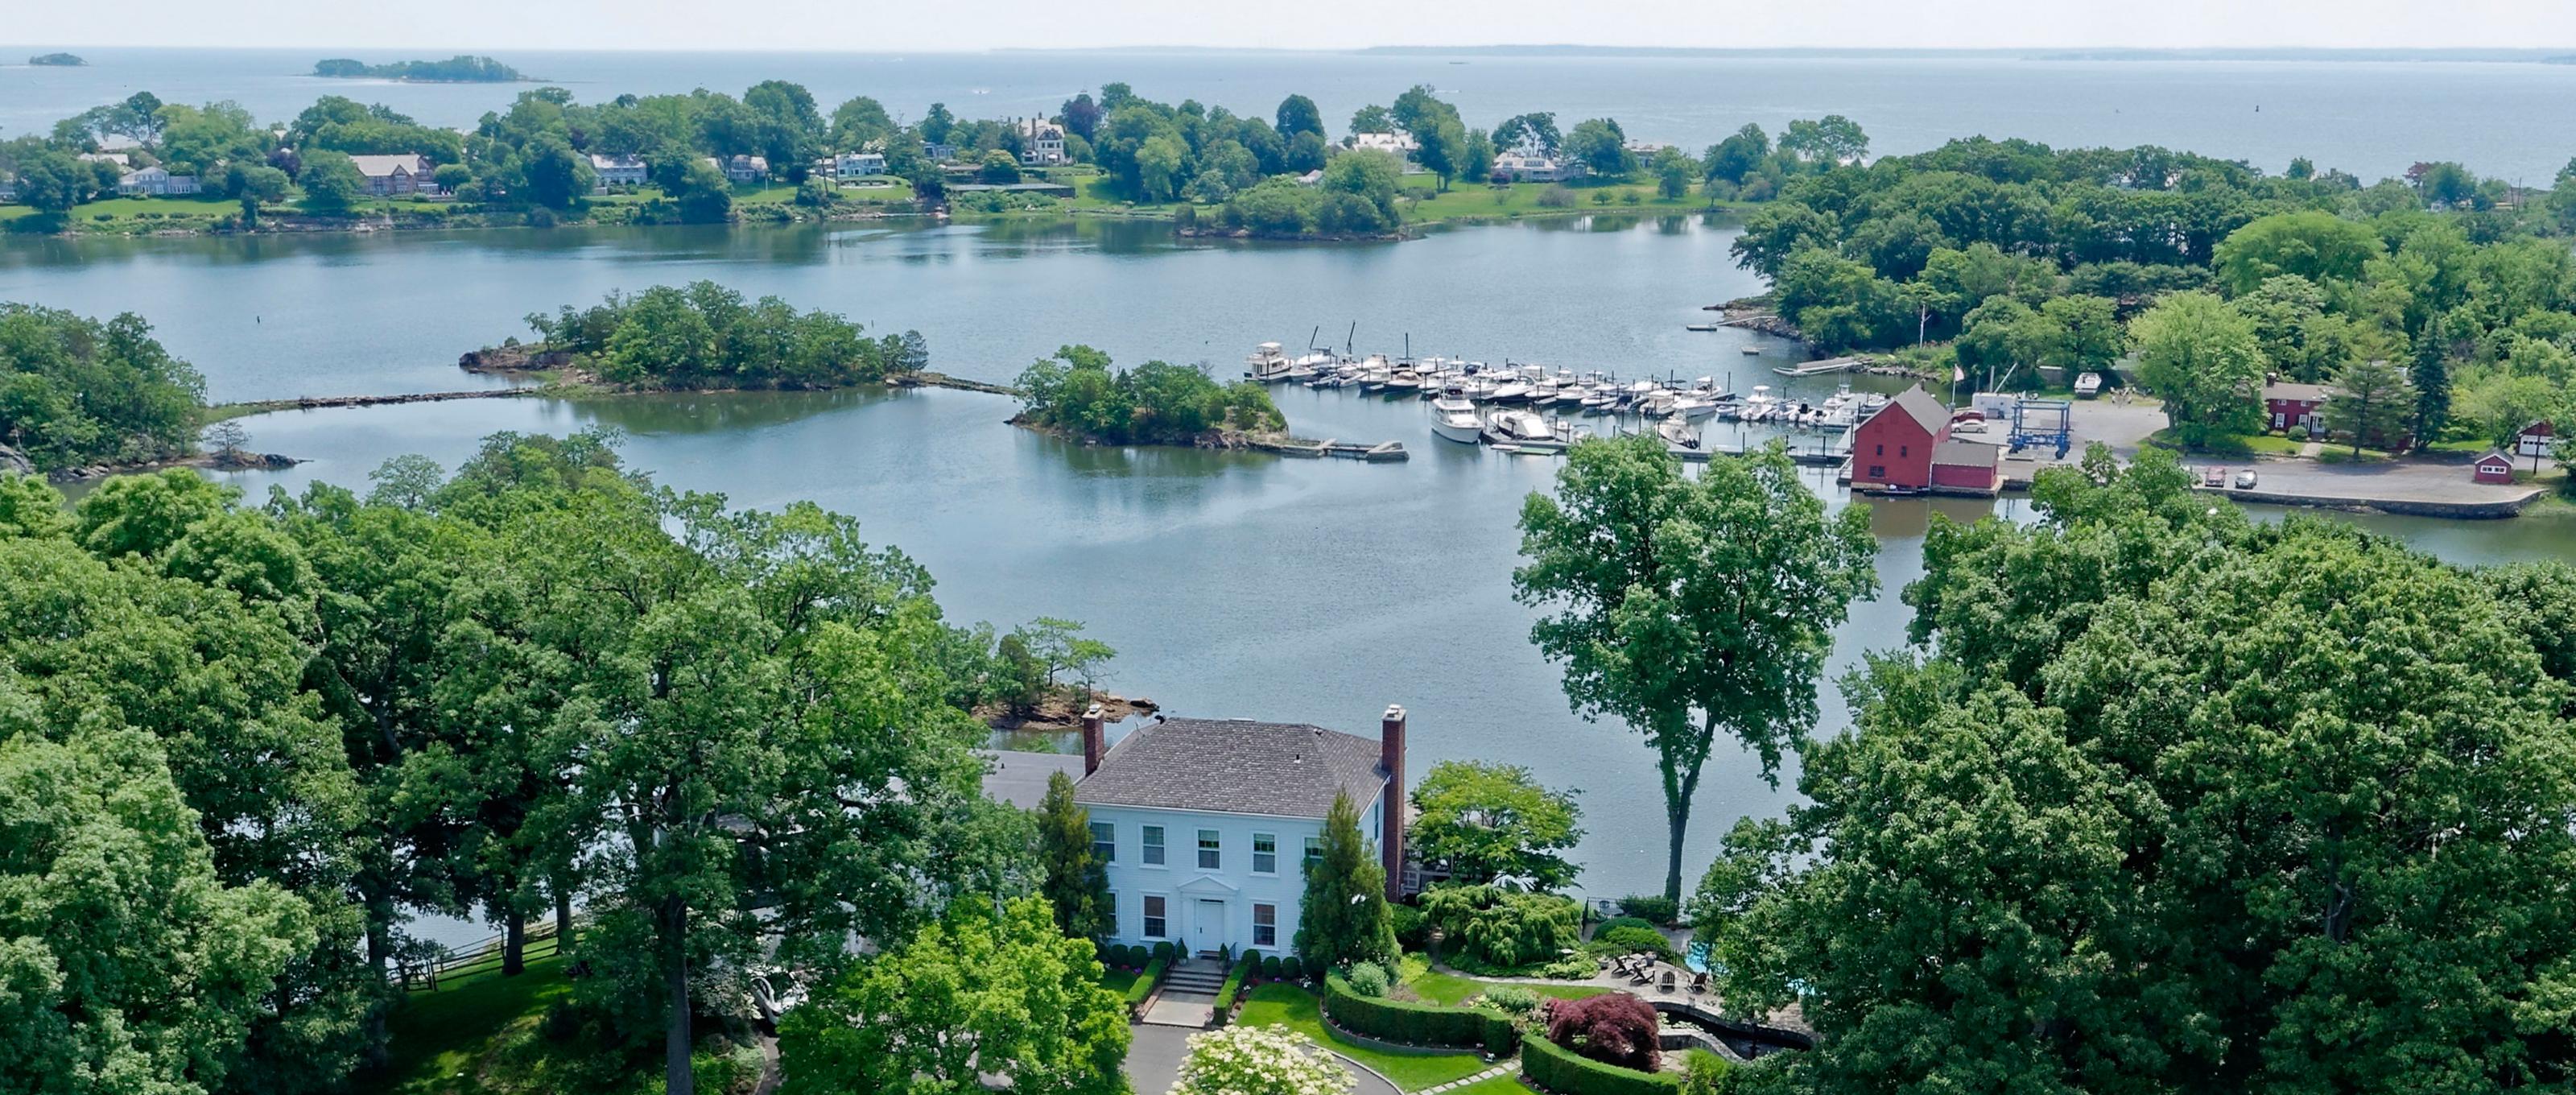 Частный односемейный дом для того Продажа на The Moorings 13 Kirby Lane Rye, Нью-Йорк 10580 Соединенные Штаты